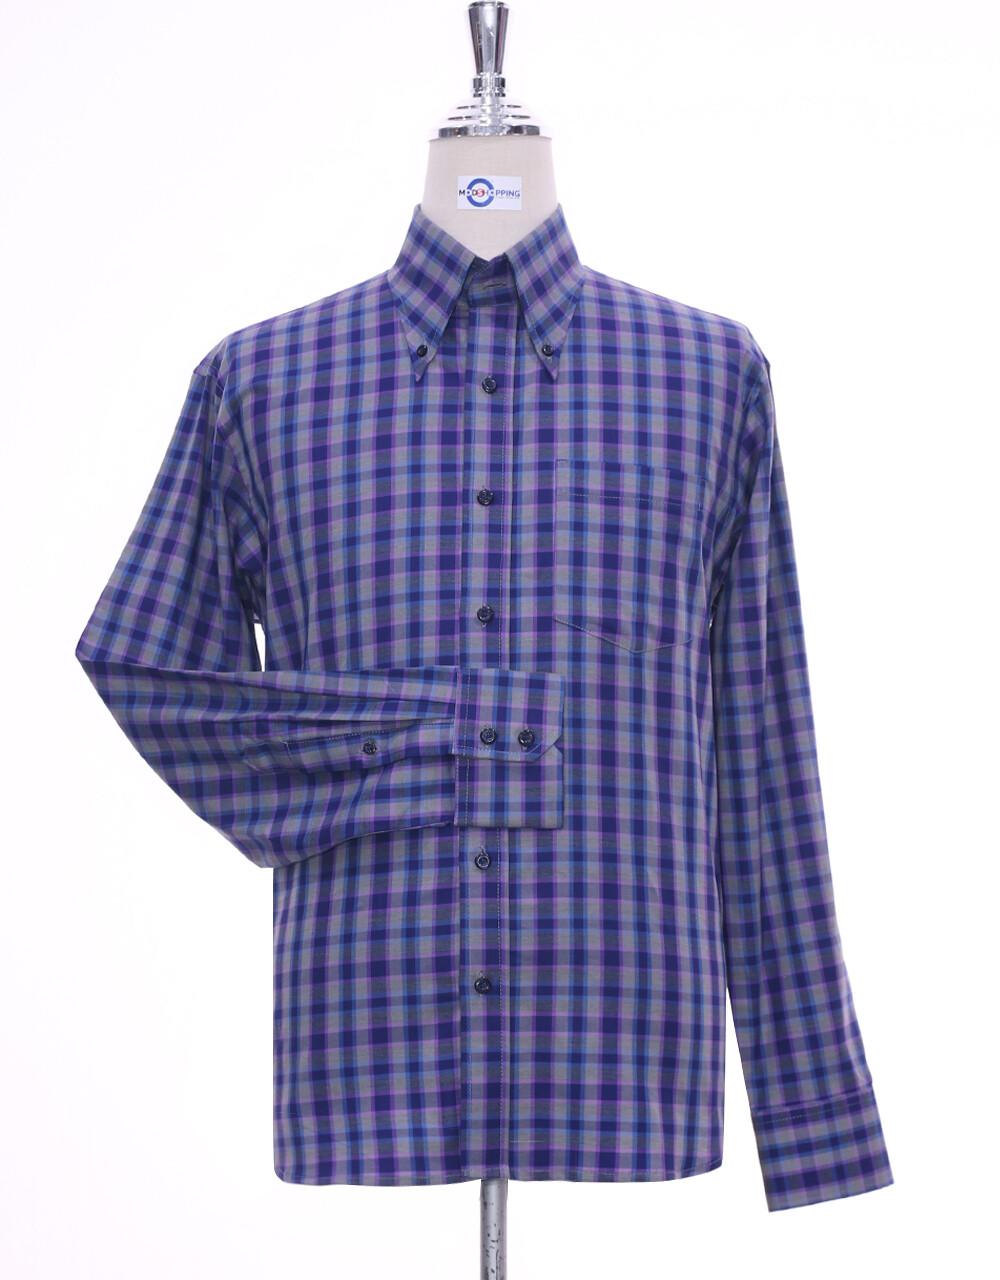 Long Sleeve Shirt Multi-Color Gun Club Check Shirt